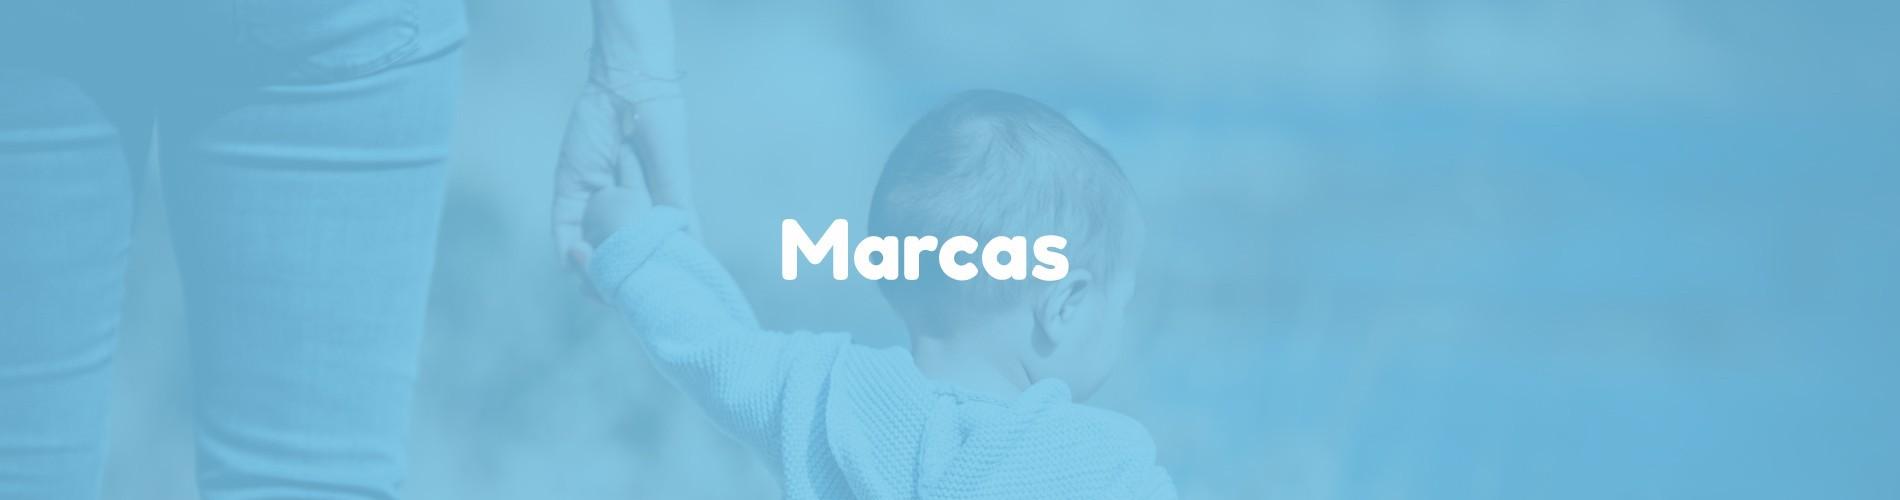 Marcas | Descanso infantil | Tienda Online